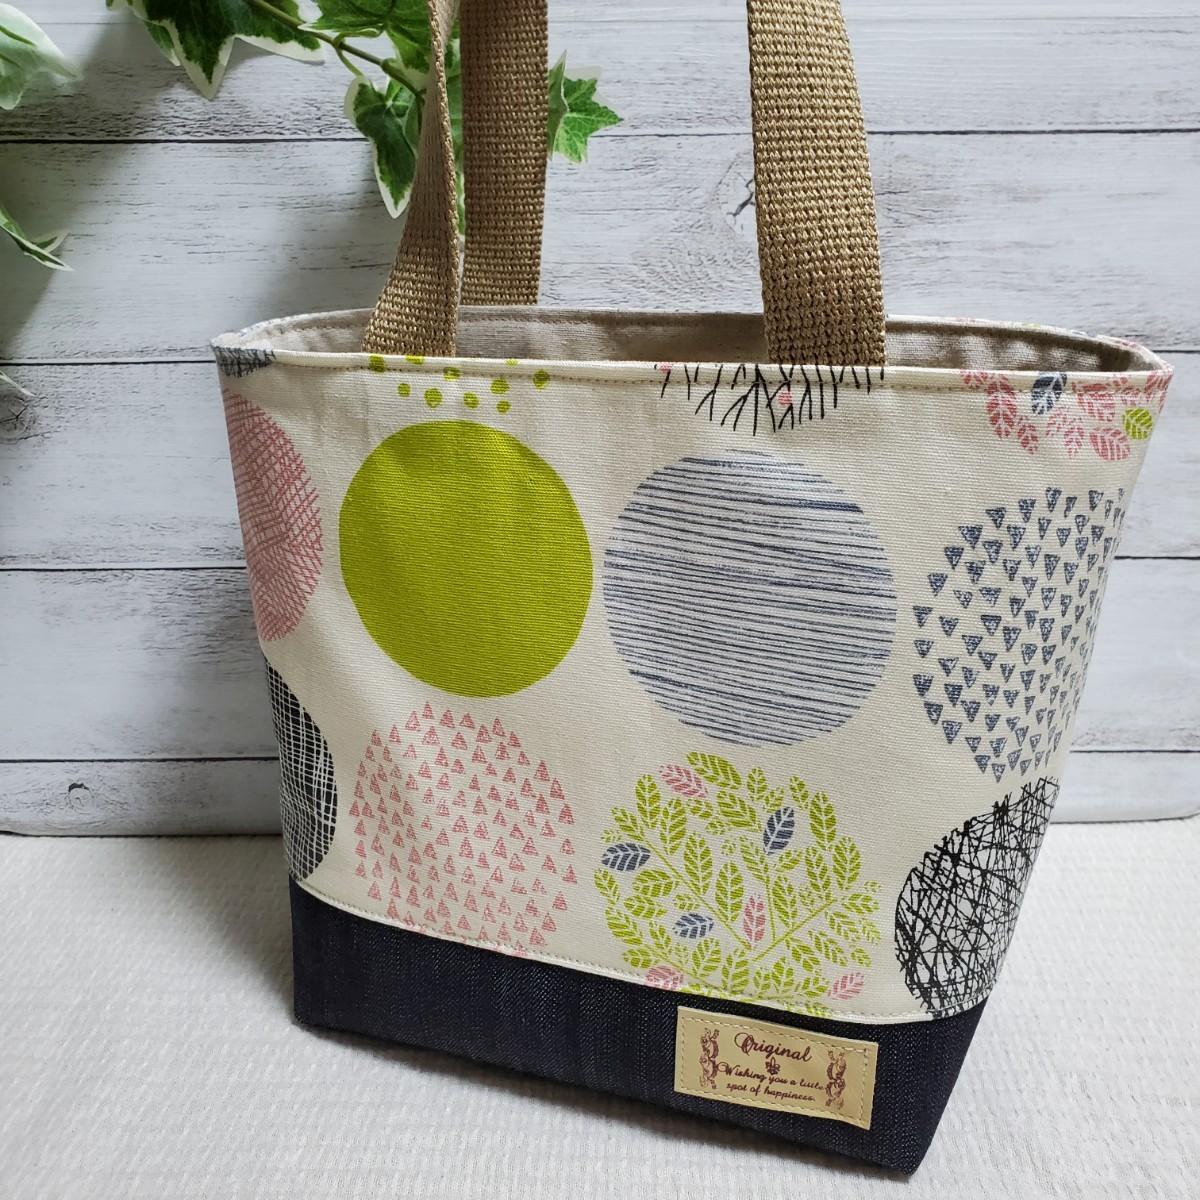 ミニトートバッグ『北欧柄 中サイズのサークル柄 ピンクと黄緑系×デニム』